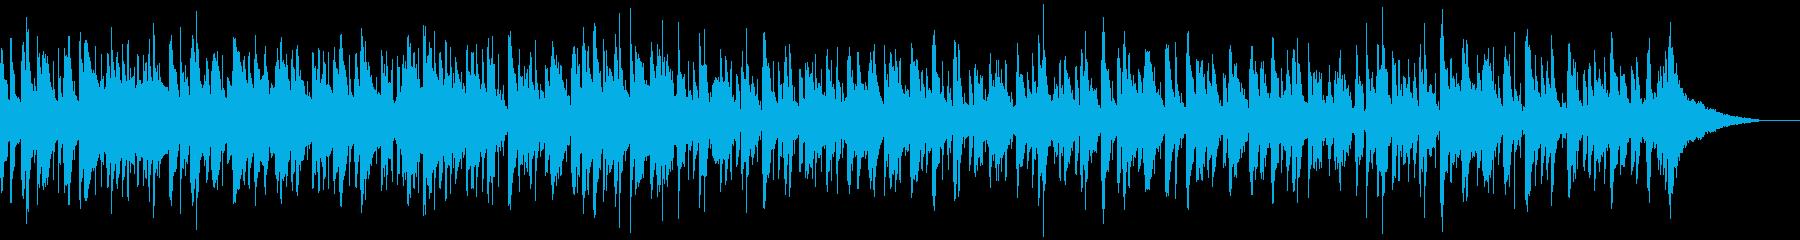 ピアノとビブラフォンがメインのゆるいボサの再生済みの波形